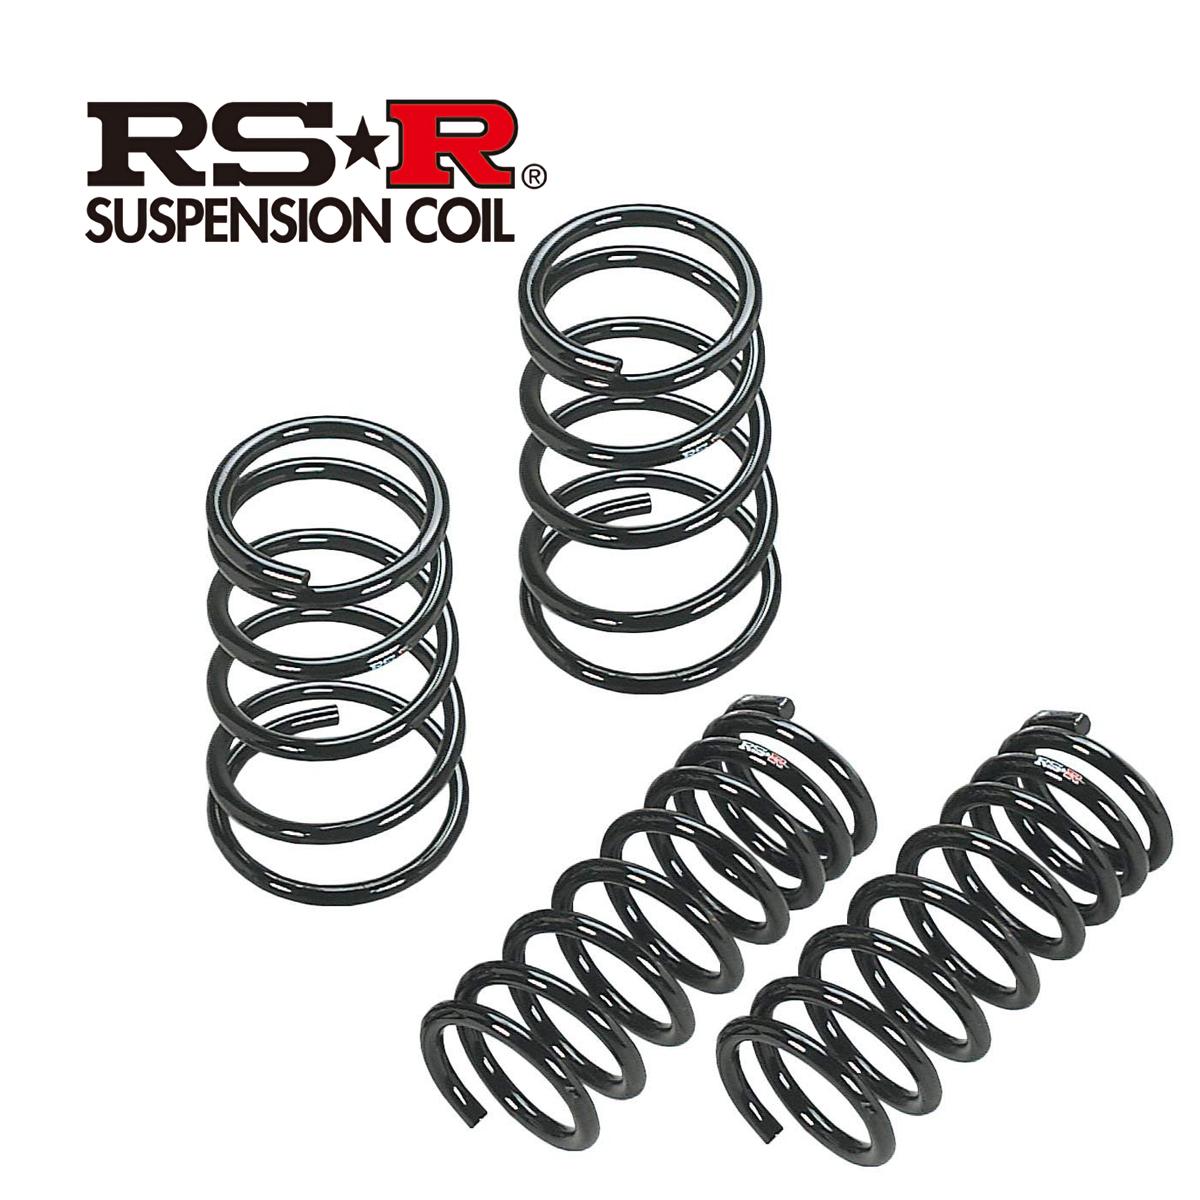 RS-R ヴィッツ F NSP130 ダウンサス スプリング 1台分 T349D RSR ダウン RSR 条件付き送料無料